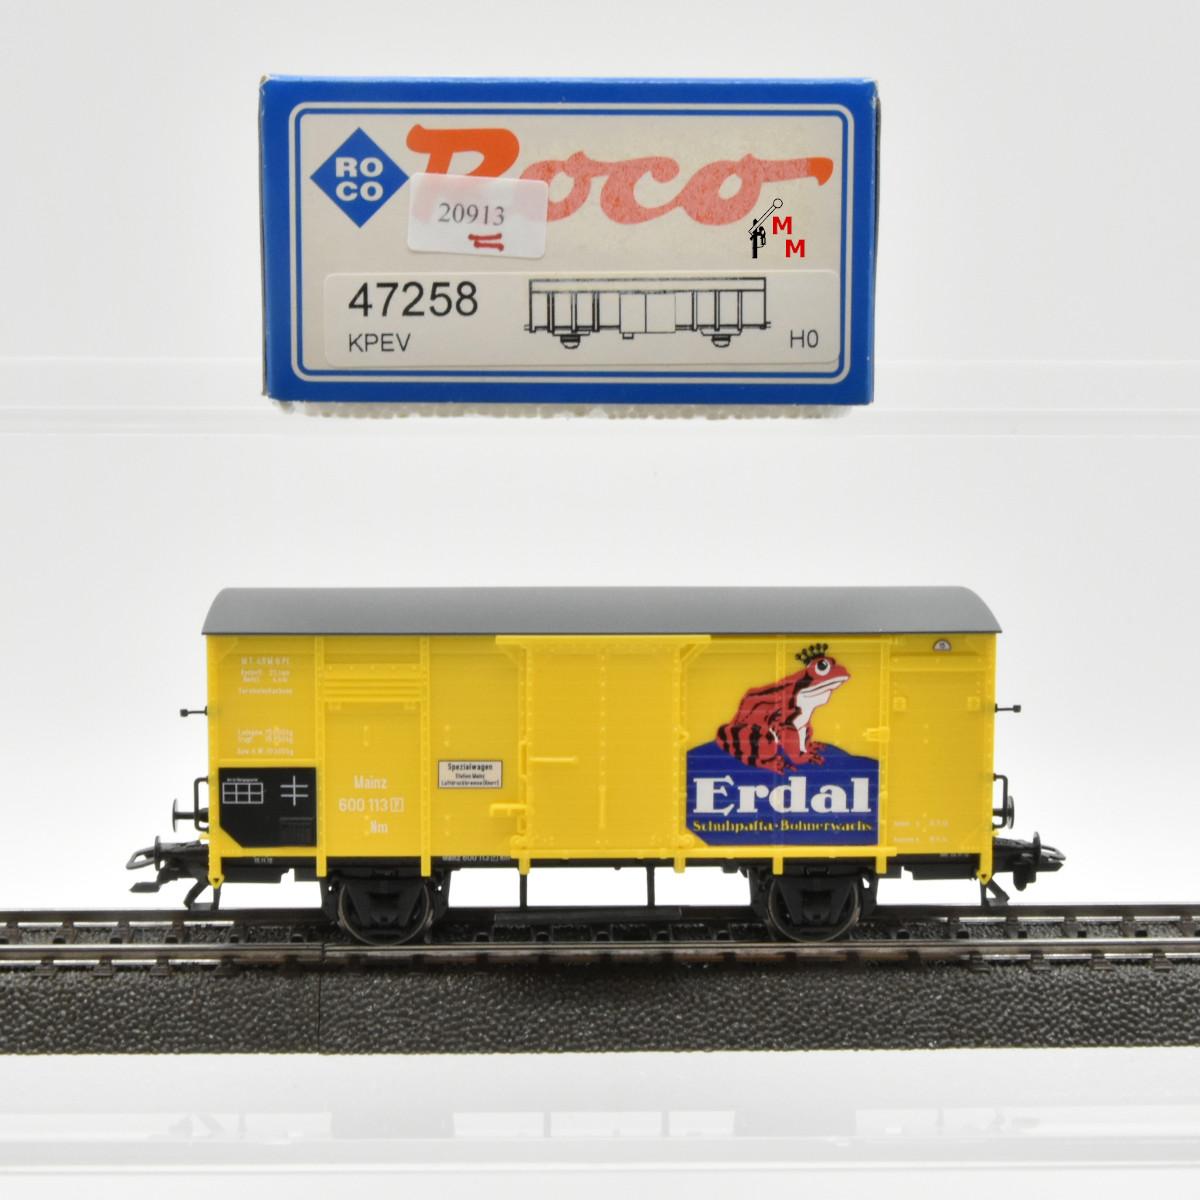 """Roco 47258 Flachdachwagen """"Erdal"""", (20913)"""